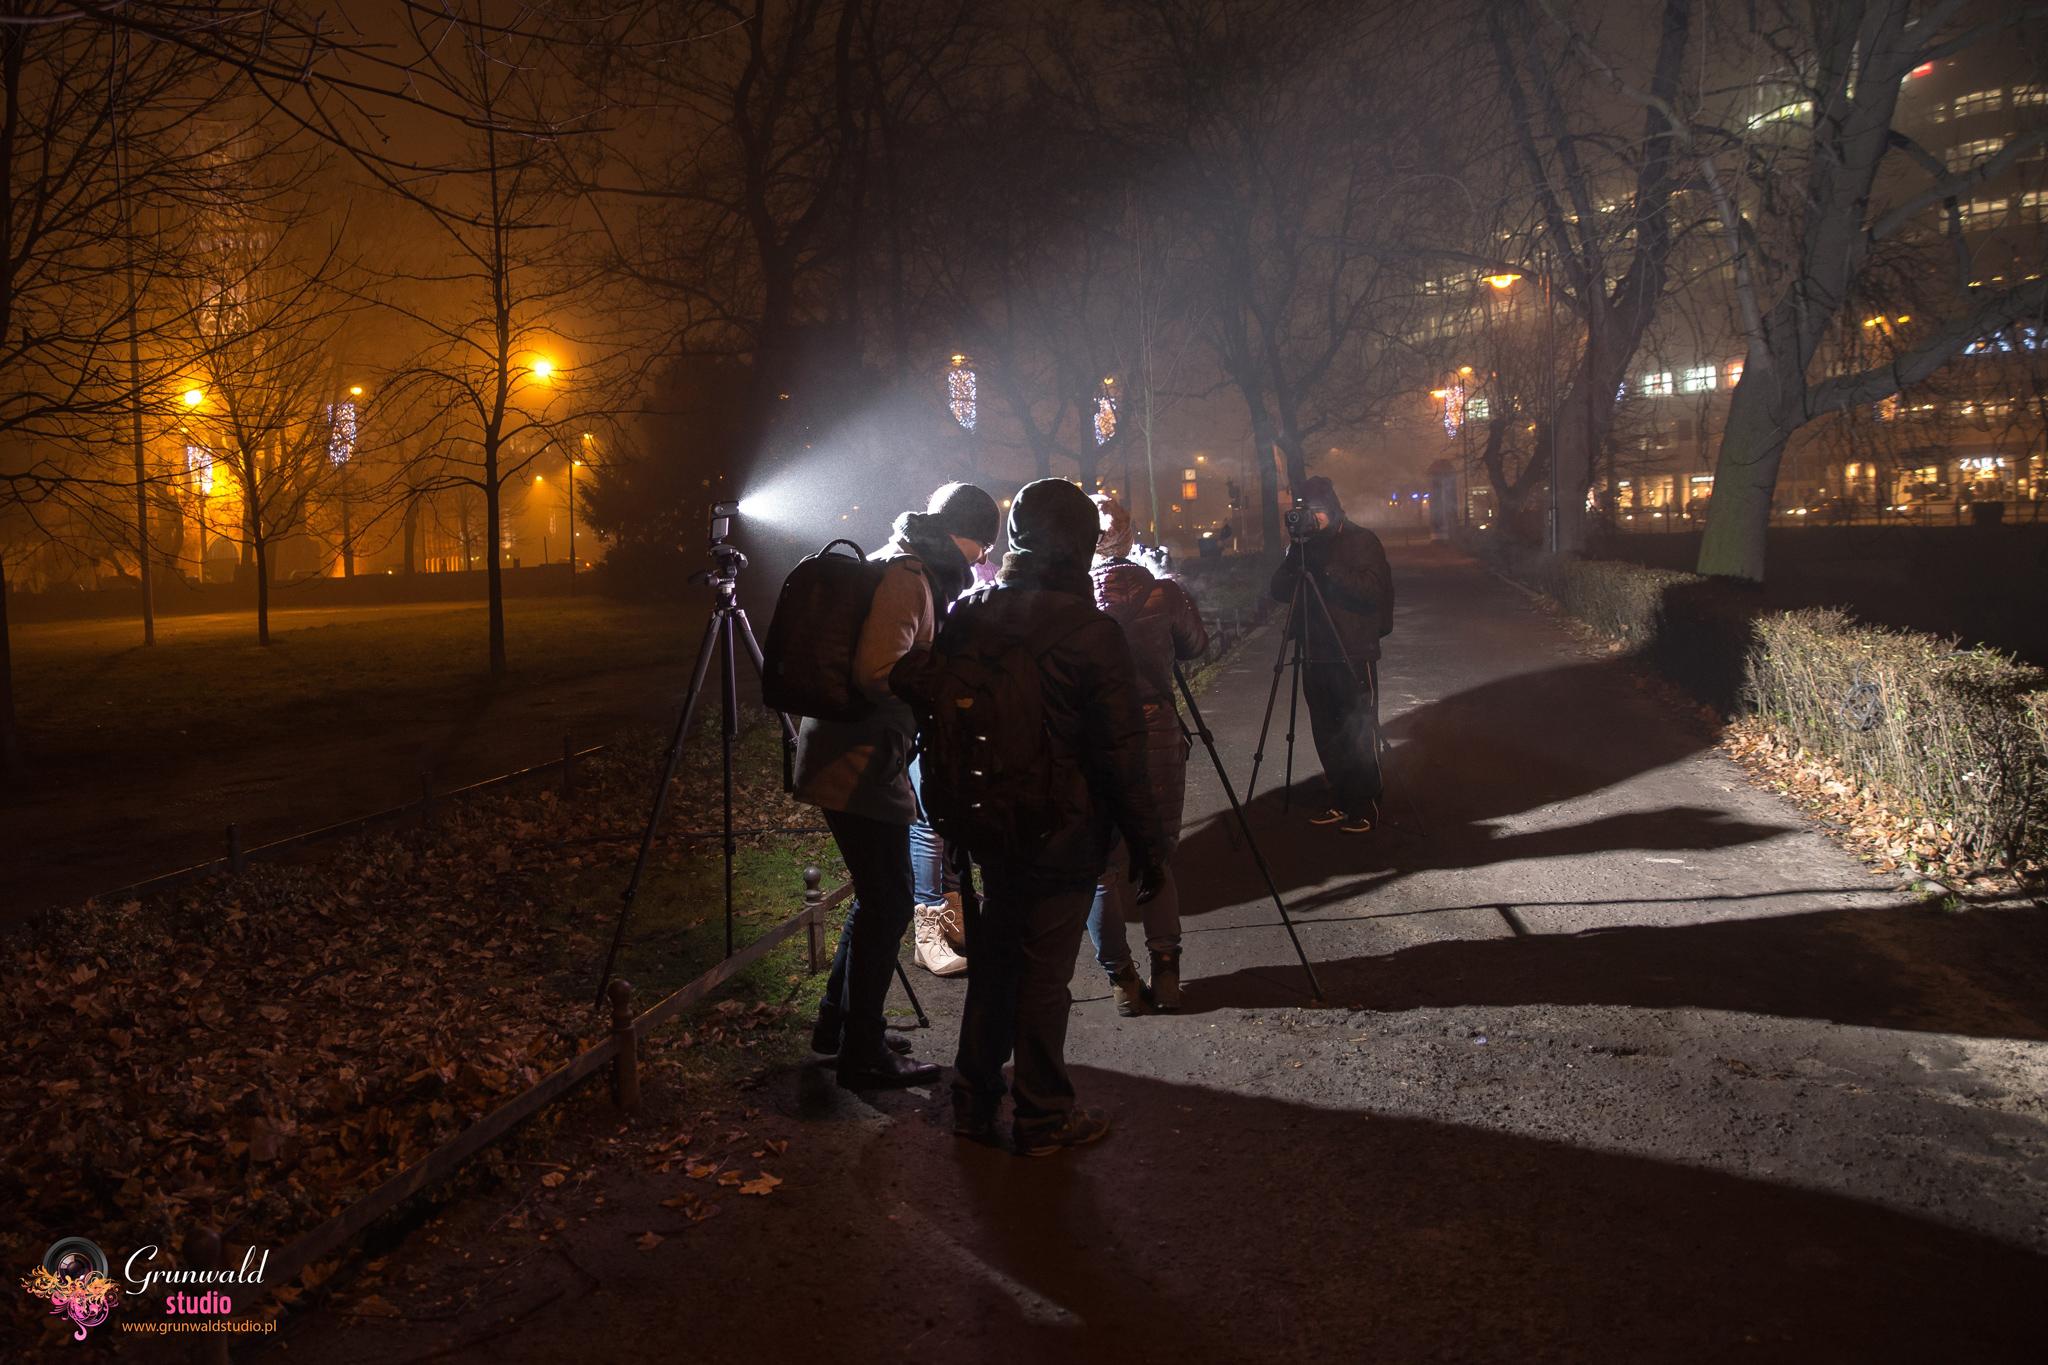 Kurs Fotograficzny Wrocław z Grunwald Studio Grudzień 15